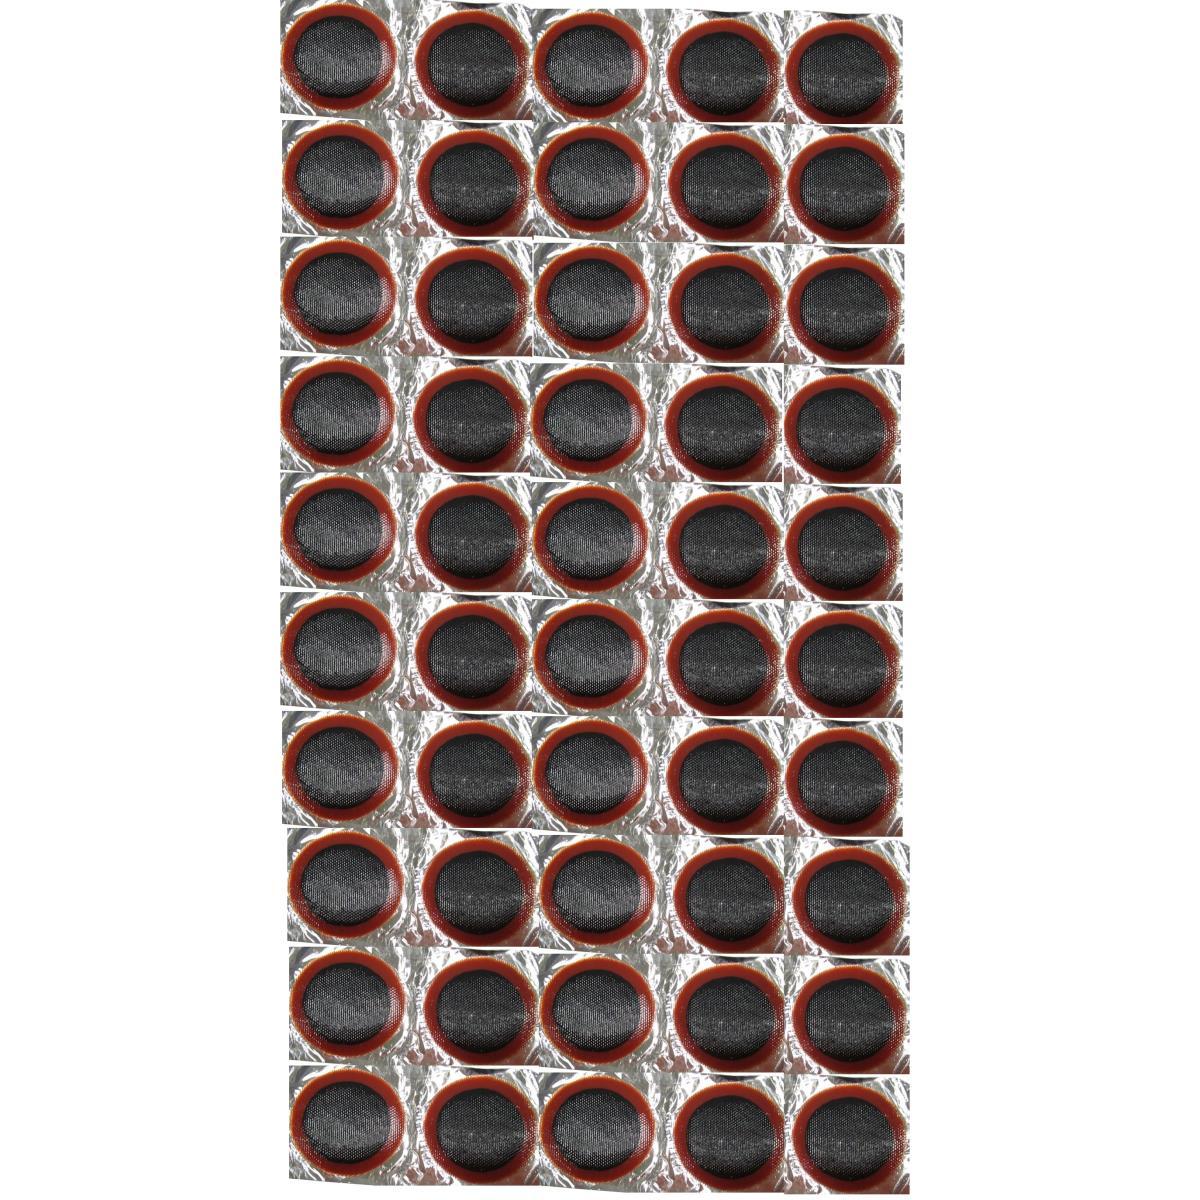 50x Fahrrad Schlauch Reparatur Flicken Ø 34 mm Reifenreparatur Flickzeug Patches,Thumbs Up,000051197295, 4770364265662